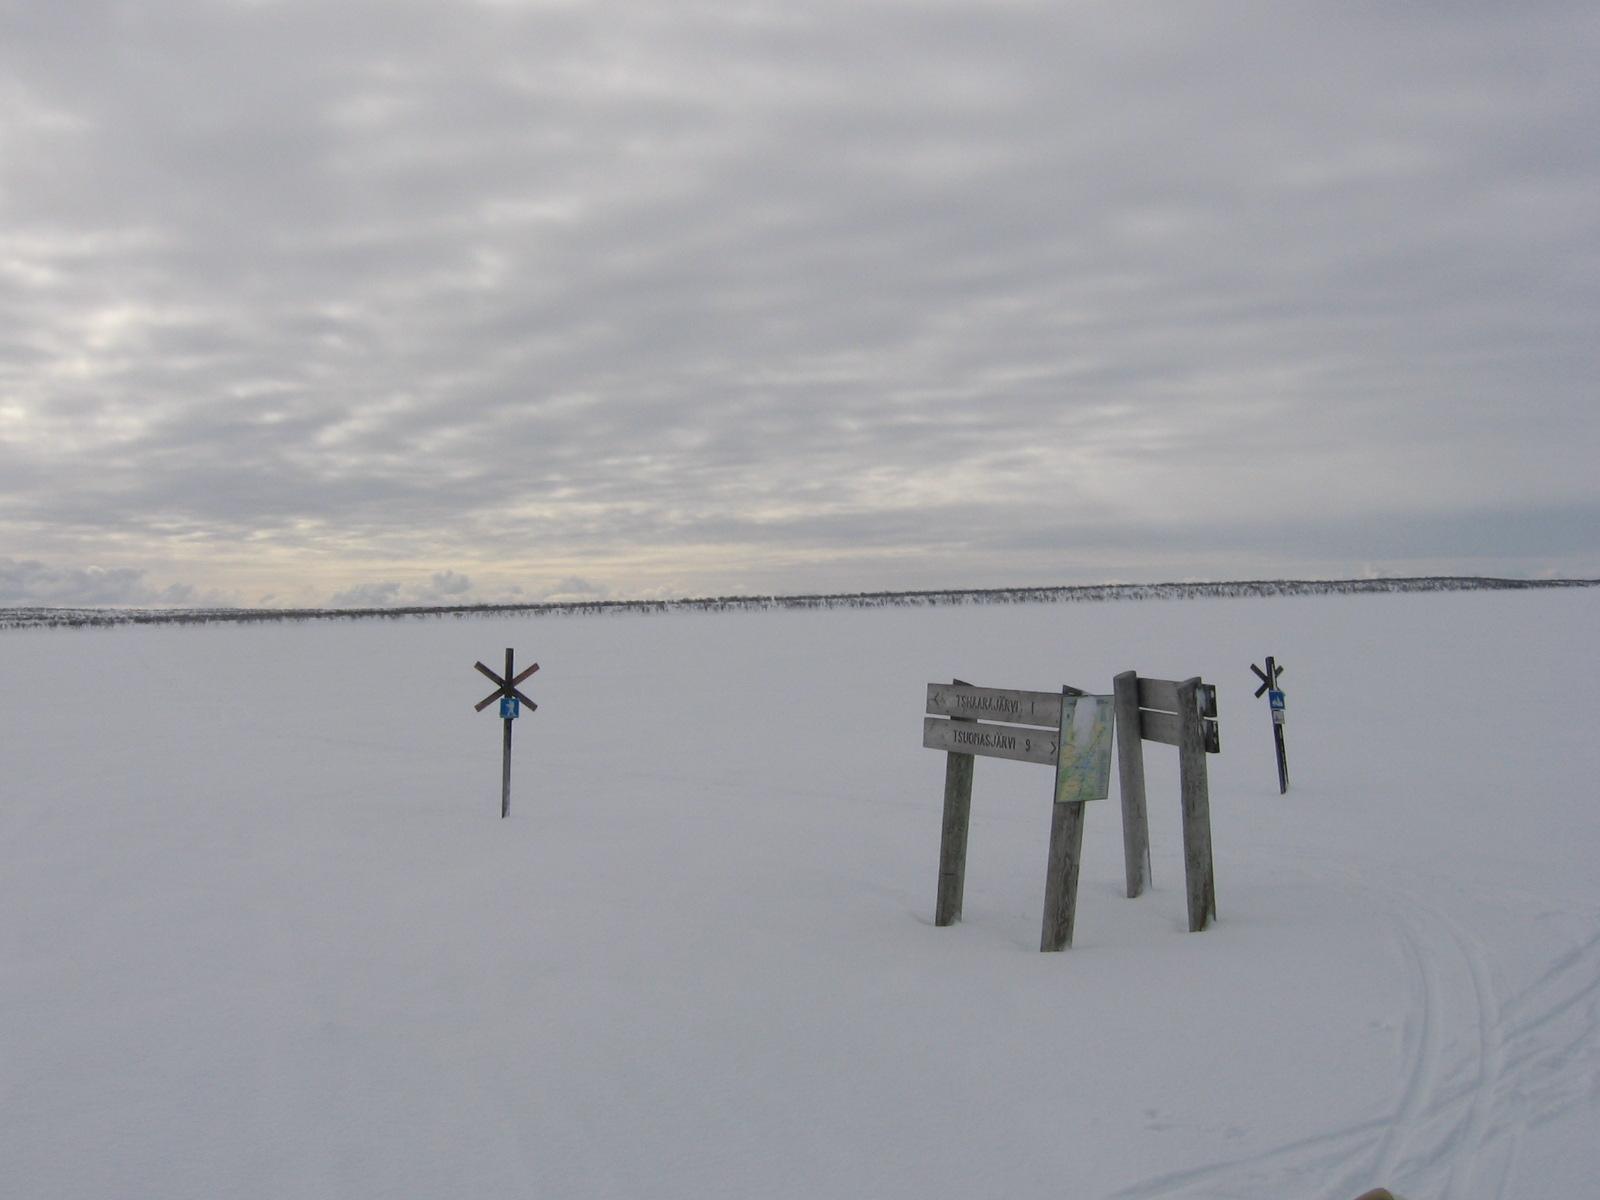 Hiihtäjien ja moottorikelkkailijoiden risteyspaikka Tsaarajärven pohjoispuolella 14.4.2010